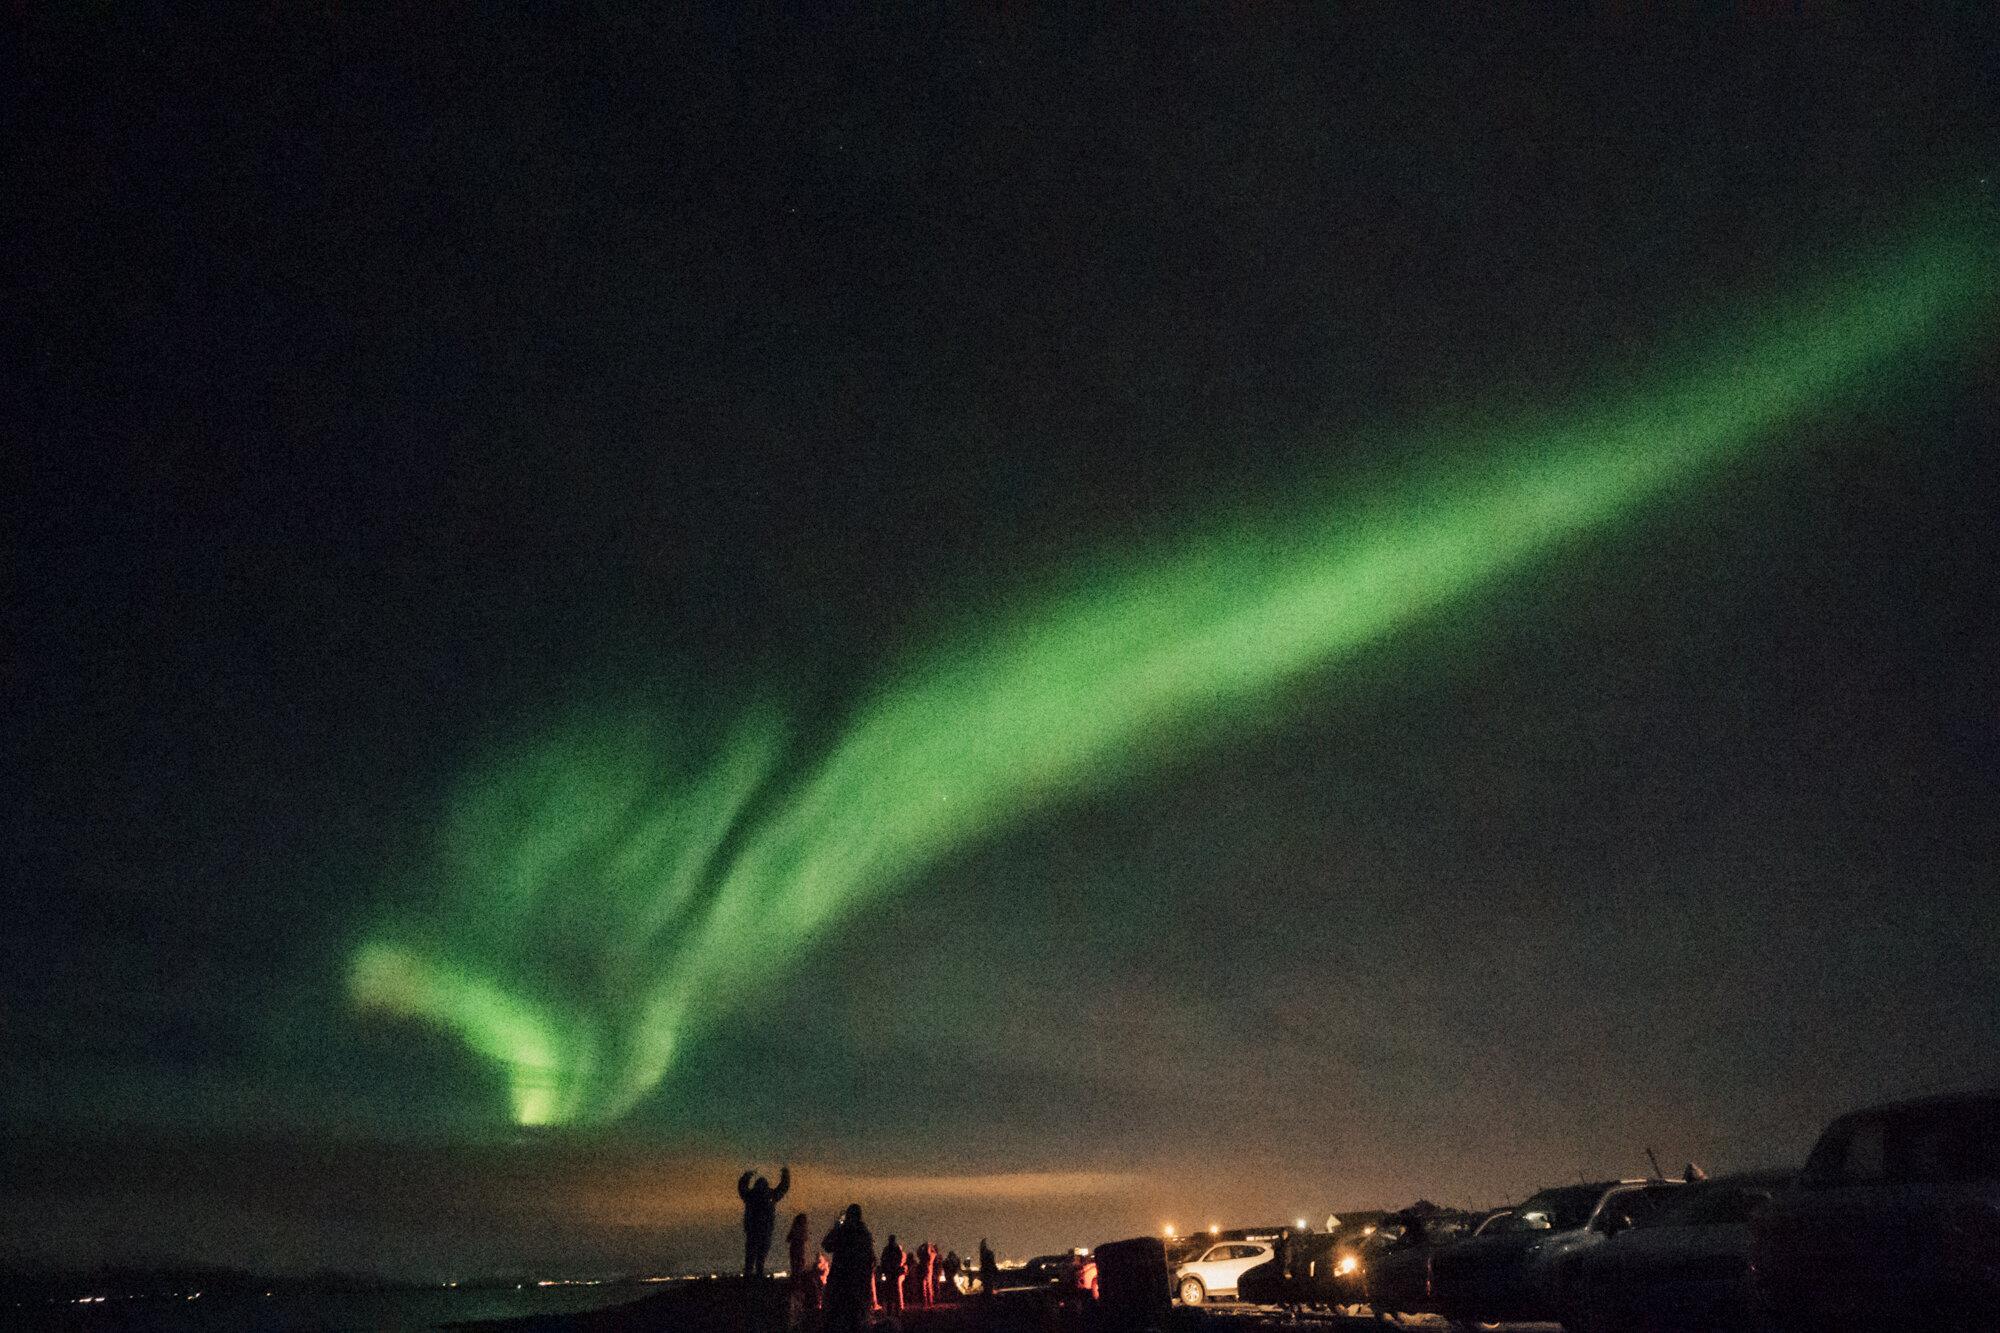 明亮的绿色北极光——北极光来自雷克雅未克的格罗塔灯塔